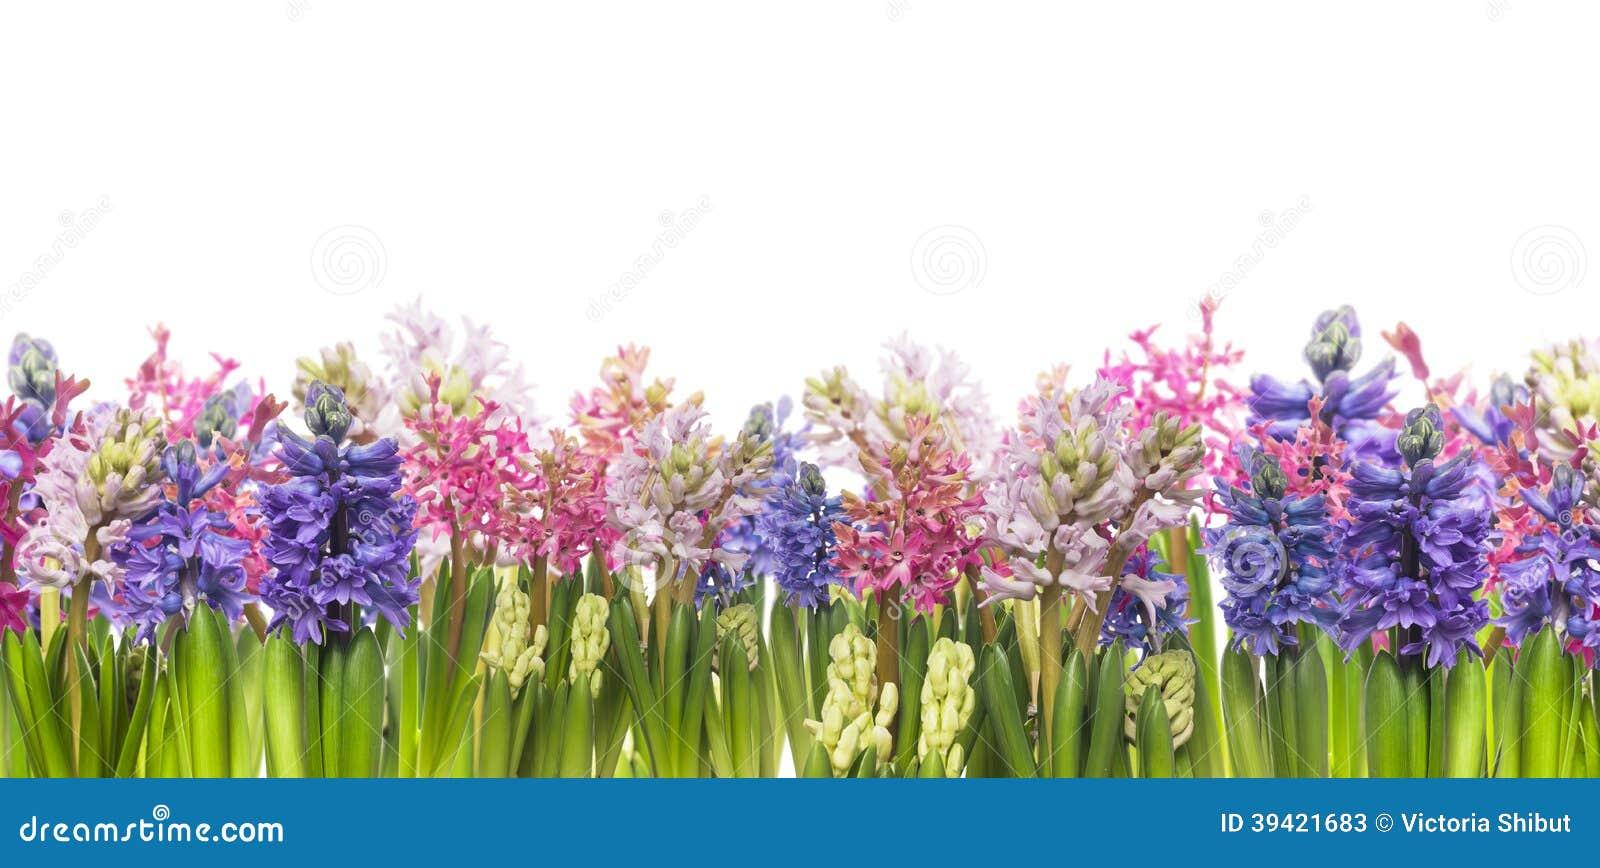 Hyazinthen blüht im Frühjahr blühen, die Fahne, lokalisiert